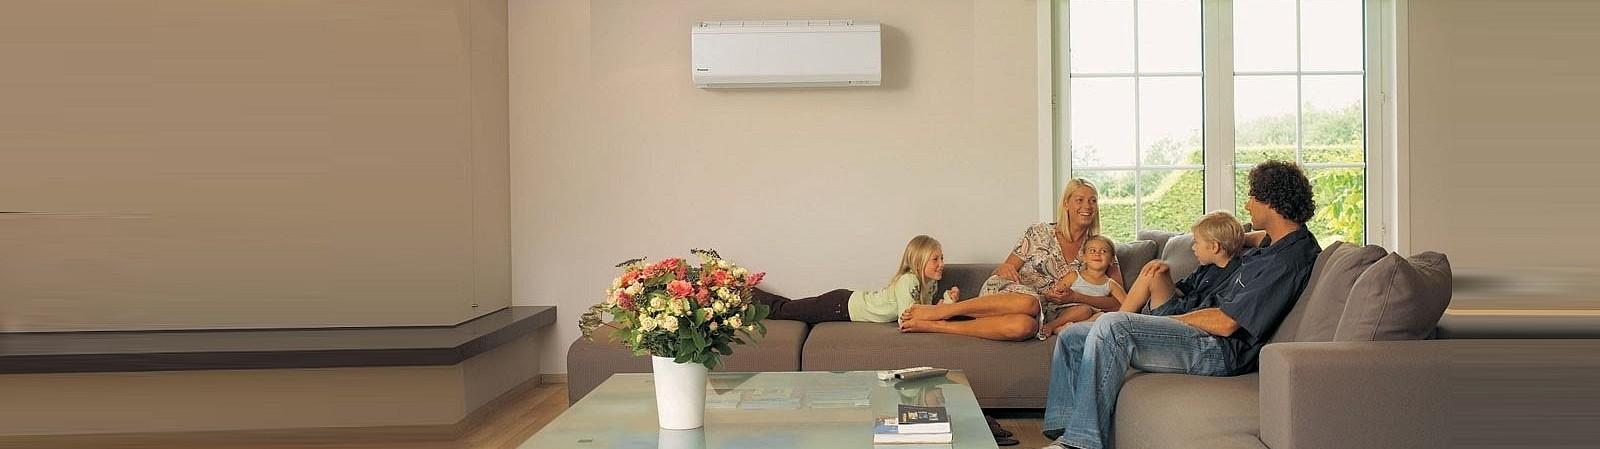 venda-ar-condicionado